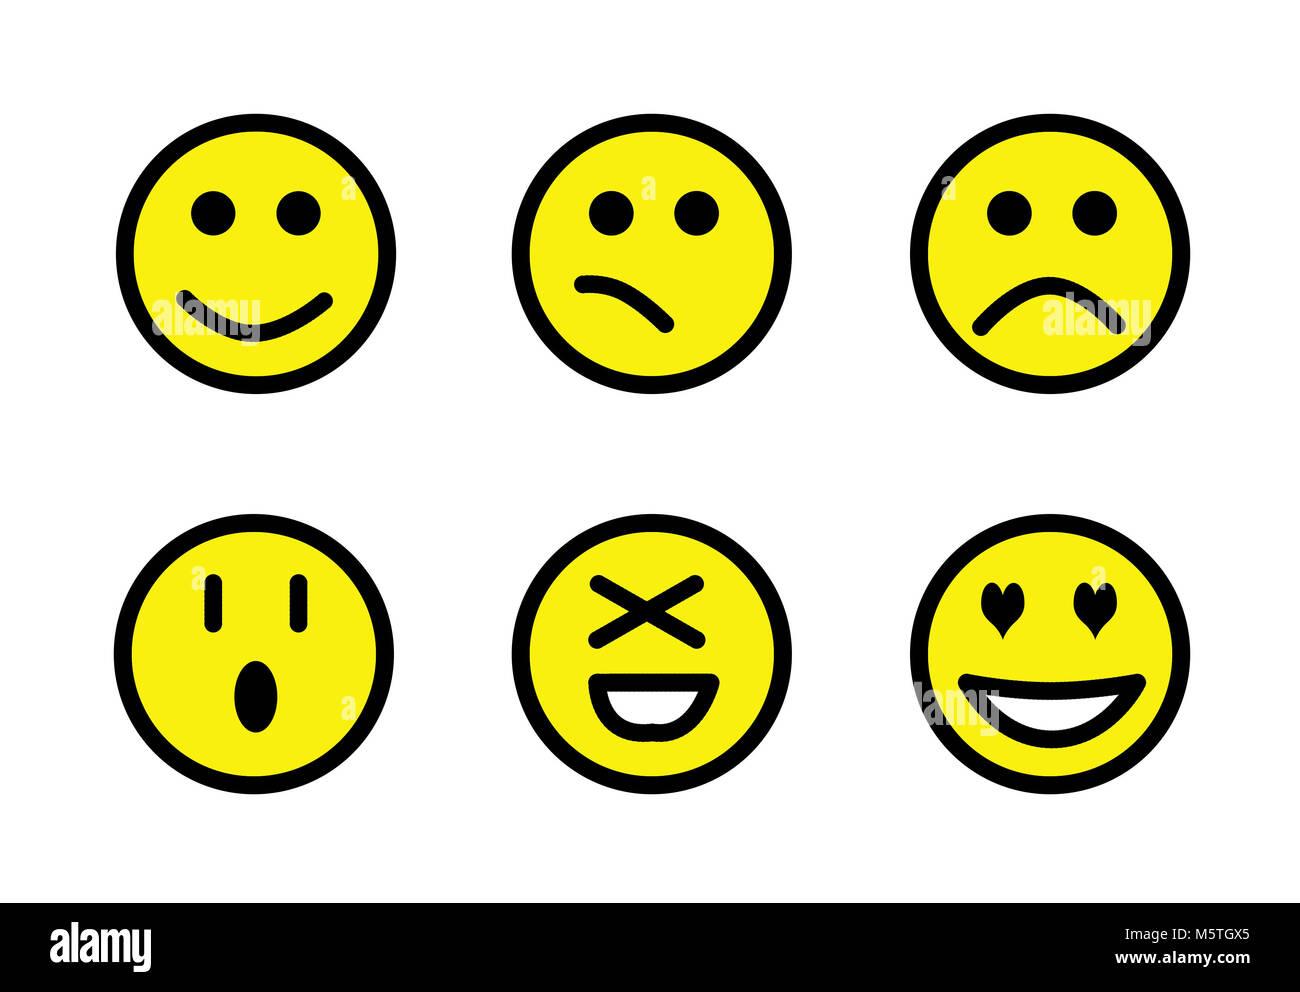 Set of emoji, Smileys set. Isolated faces expression illustration - Stock Image